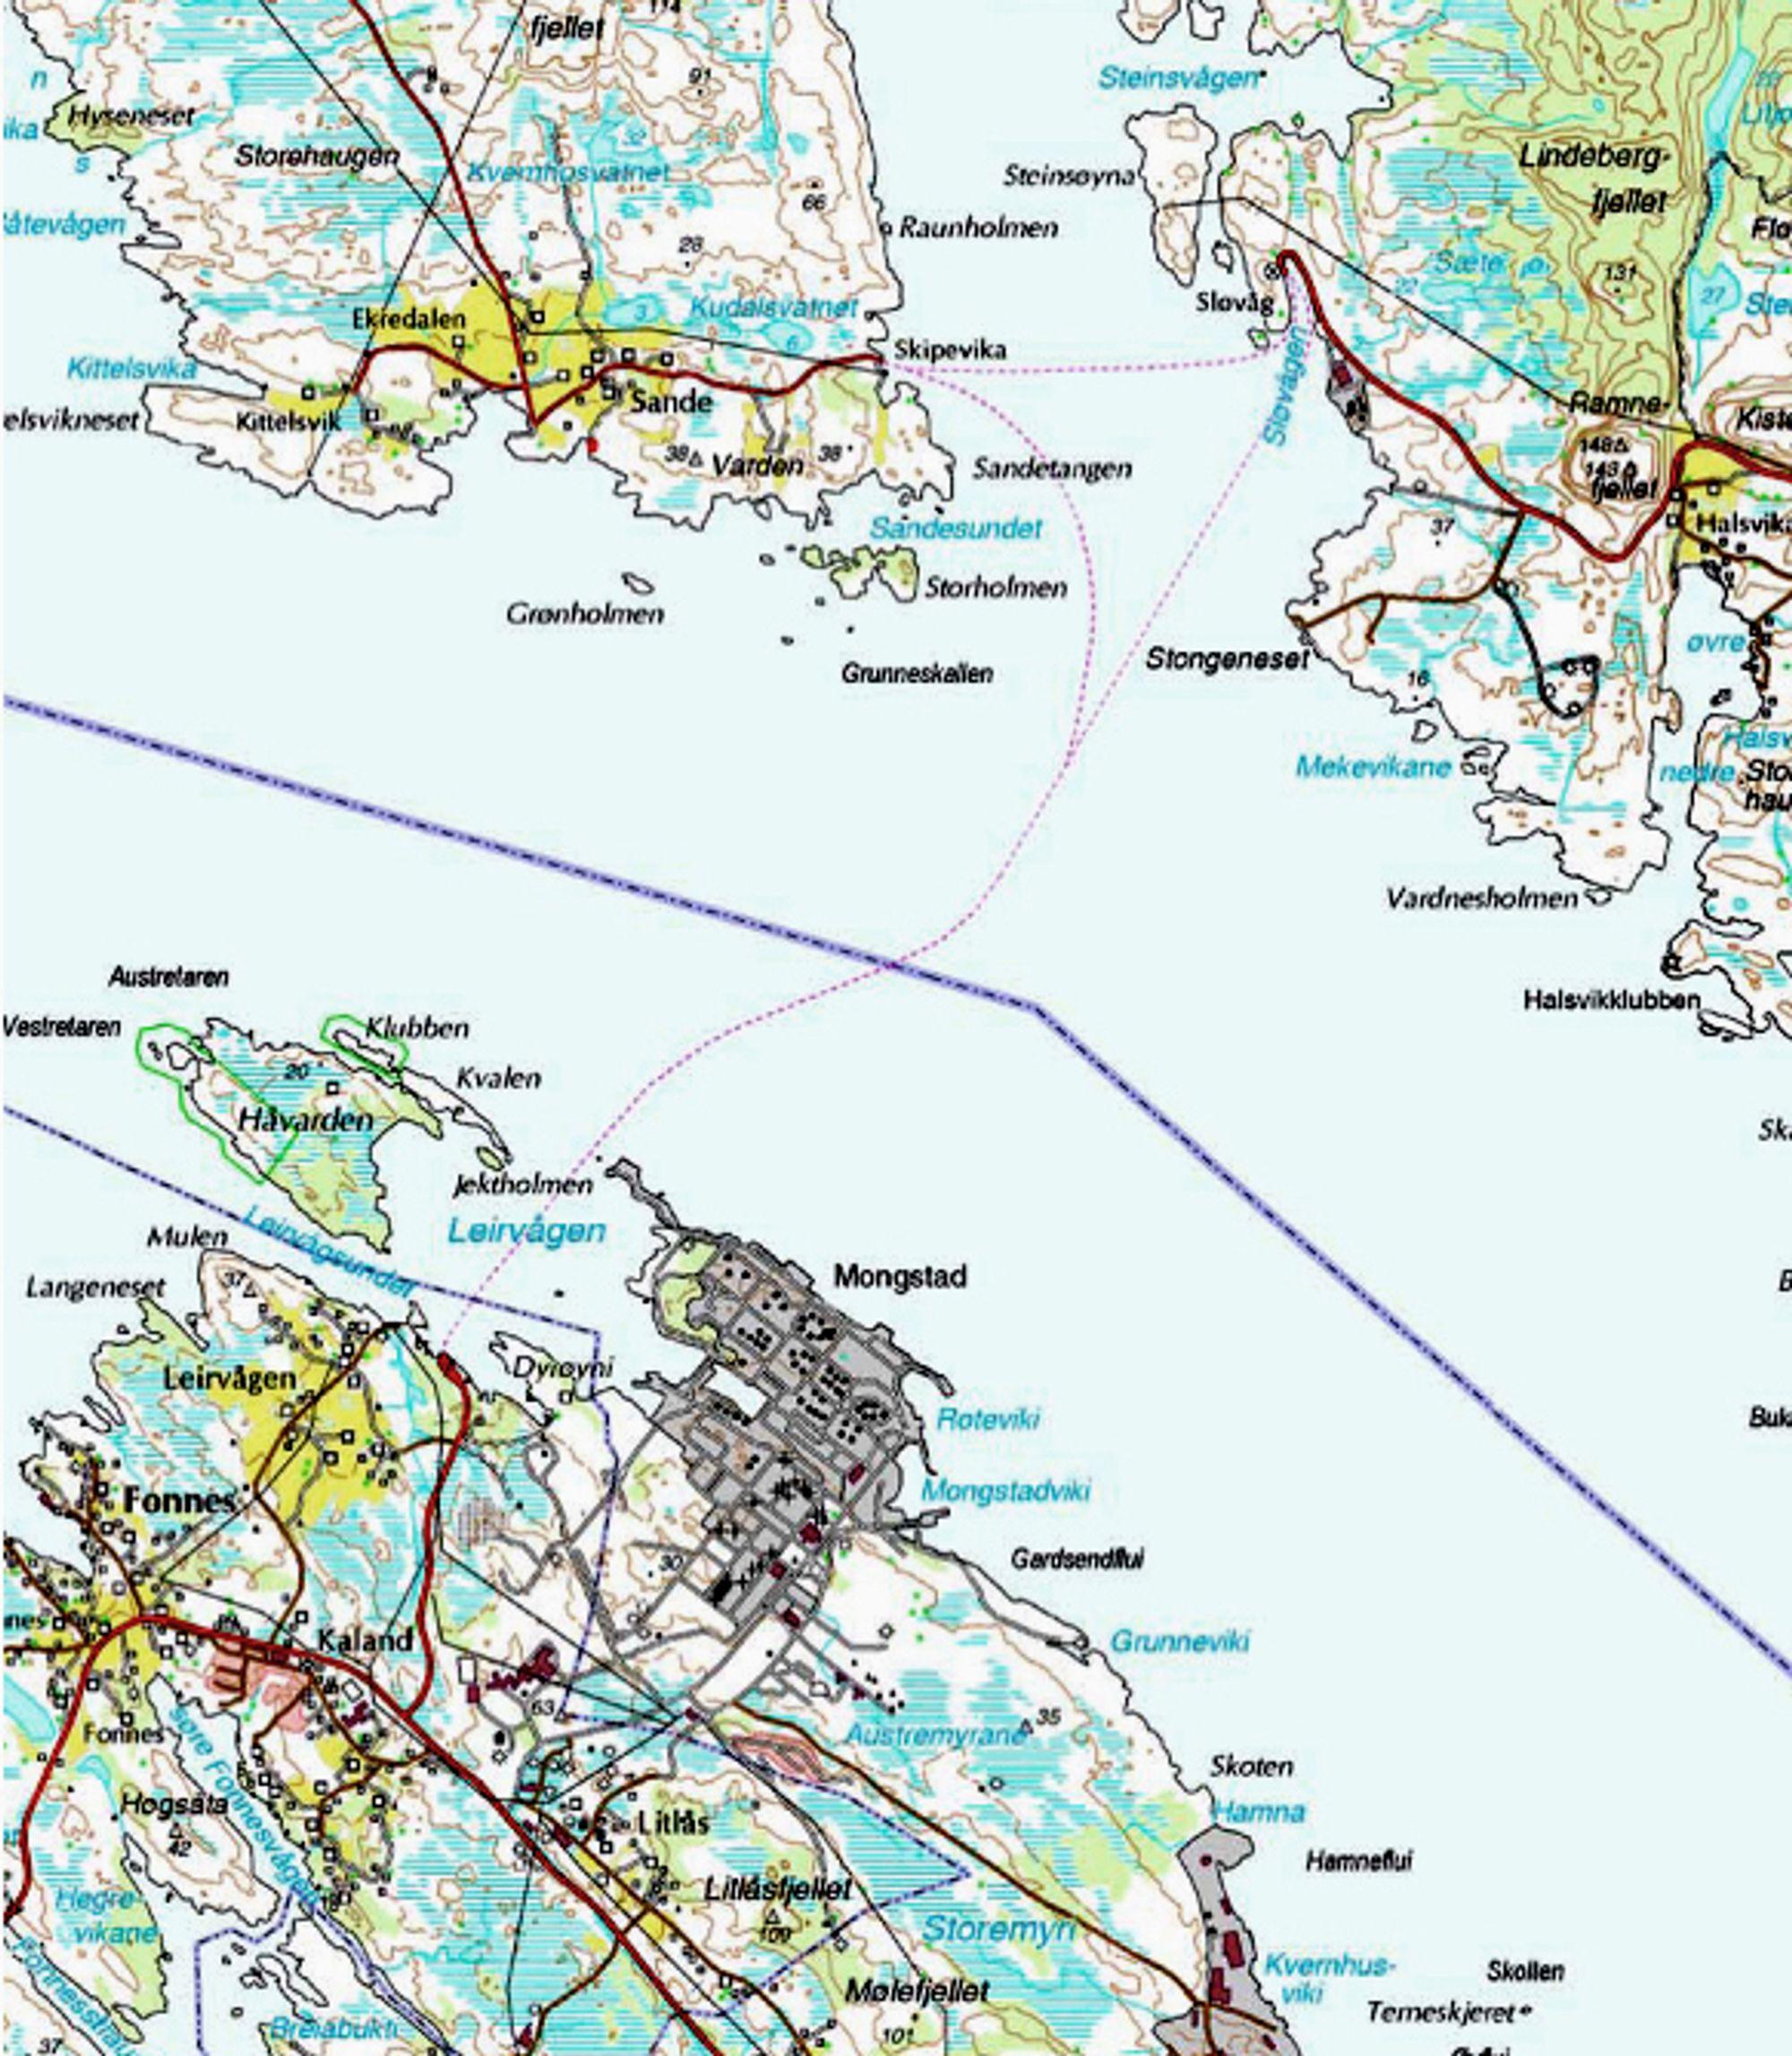 Trekantsambandet er markert med stiplet linje. Når Brandangersundet bru blir ferdig, innstilles anløpene på Skipavik øverst til høyre.